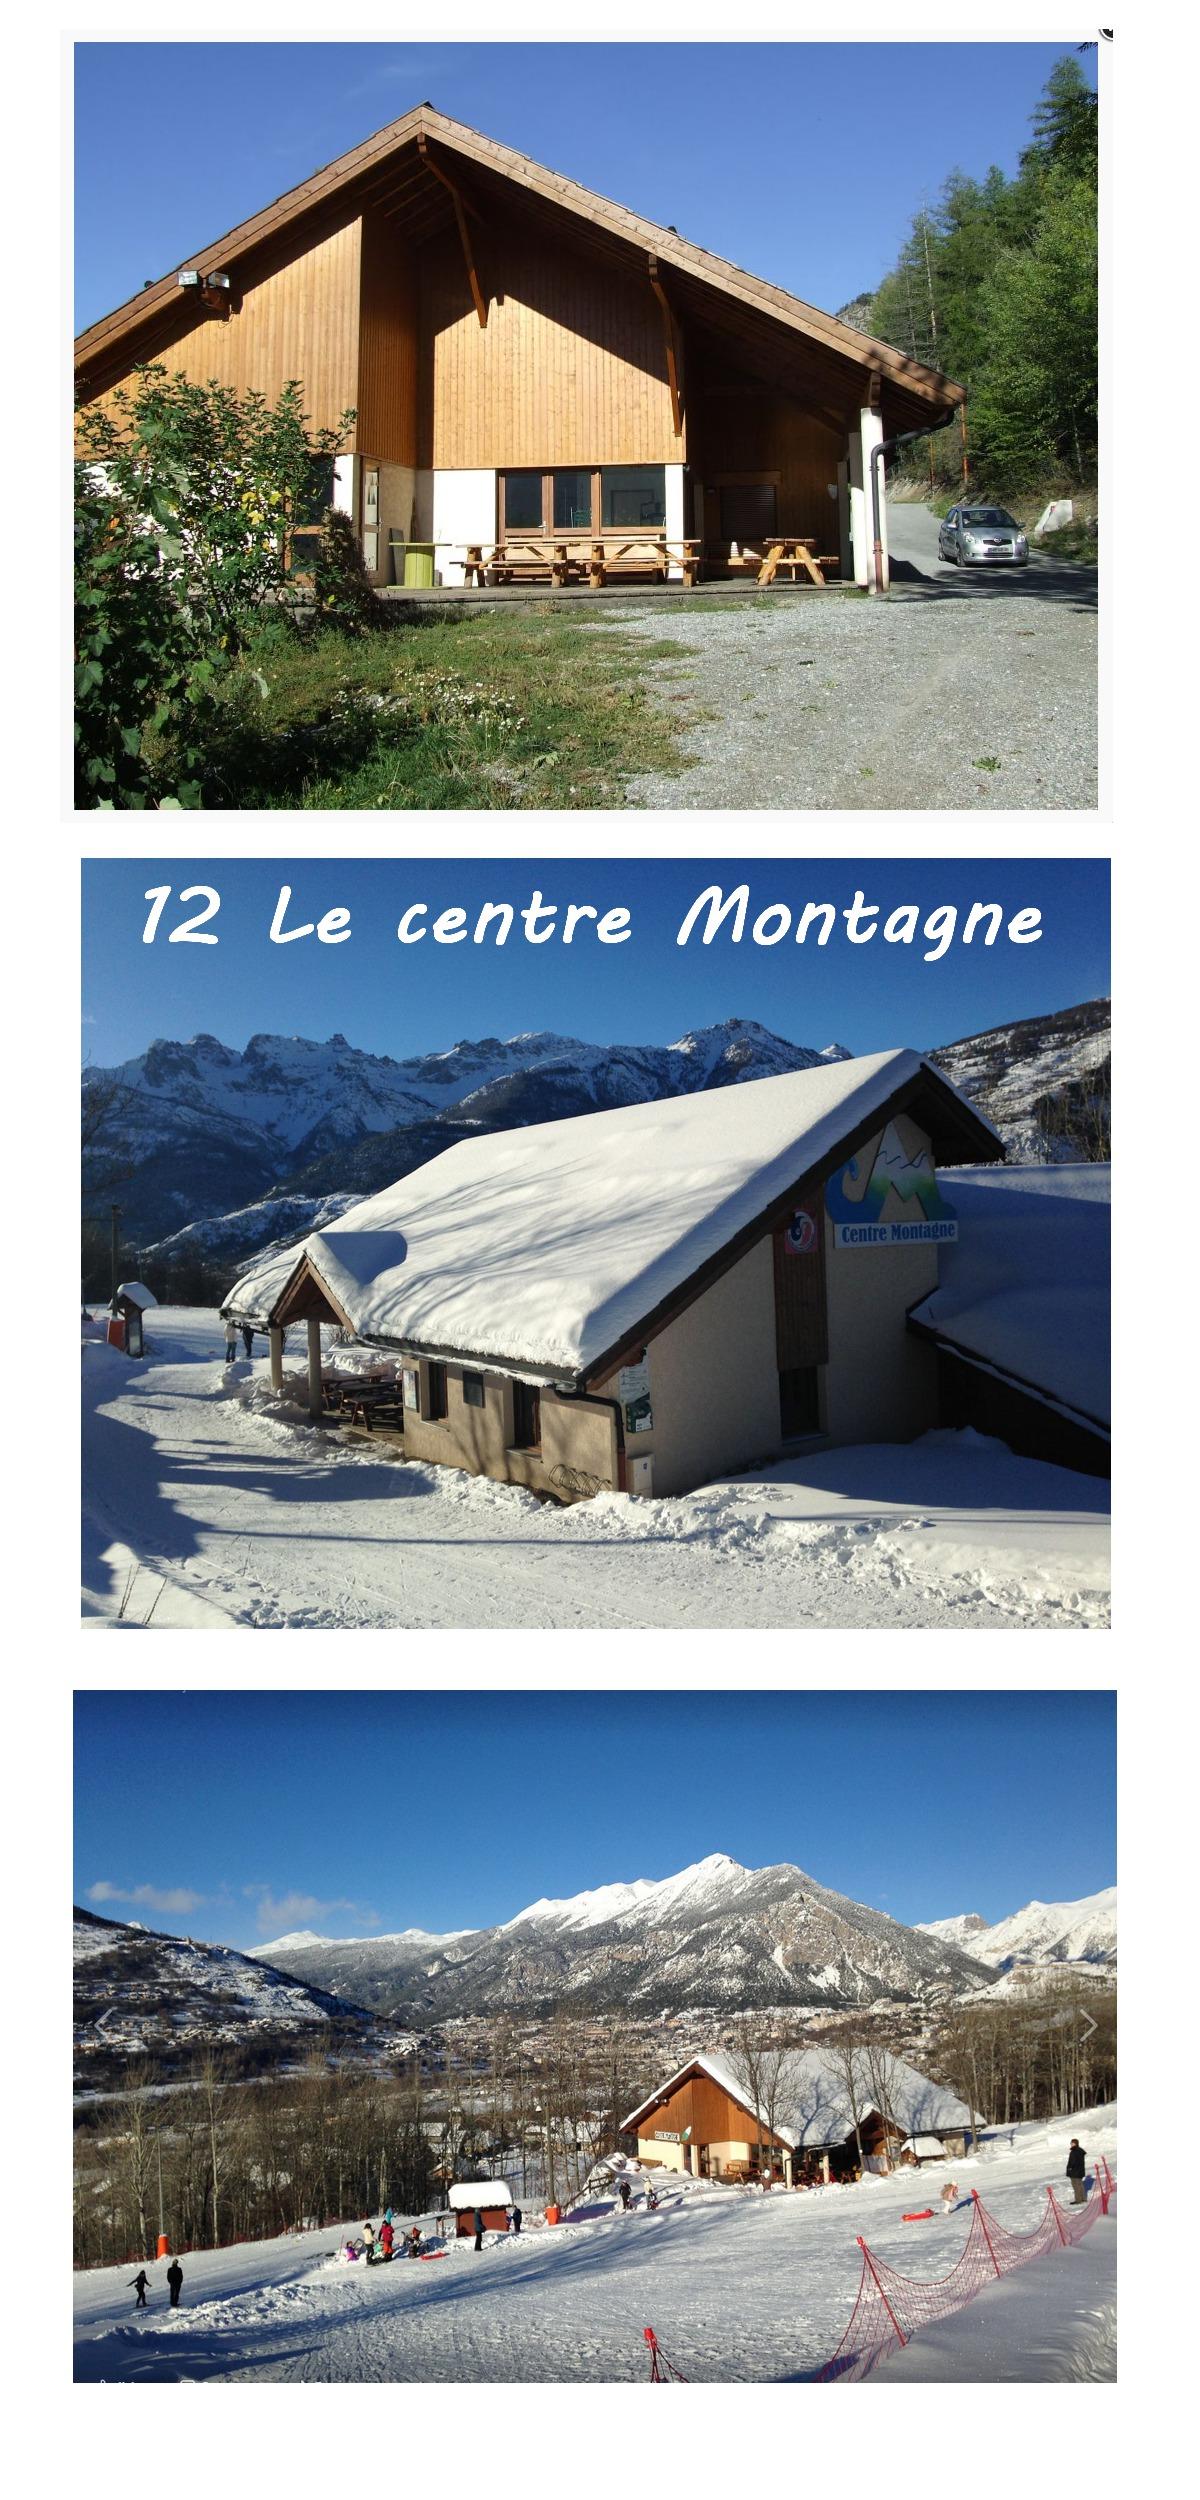 12-le-centre-montagne-ConvertImage.jpg